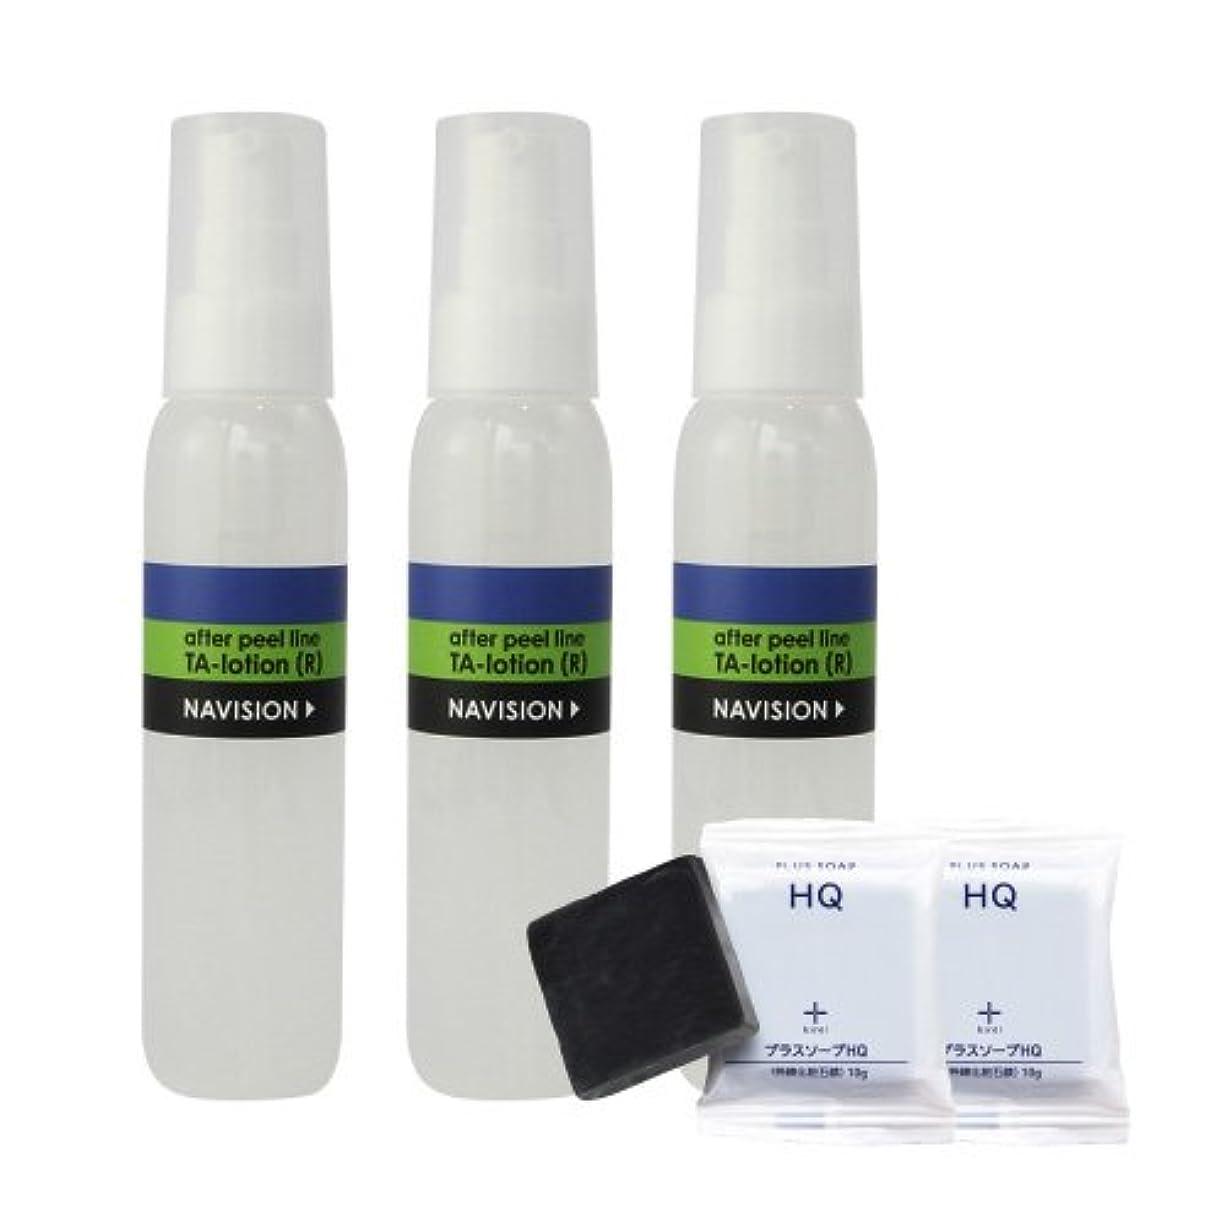 とげのある鈍いジョリーナビジョン TAローション(R)(医薬部外品) 3本+プラスソープHQミニ 2個